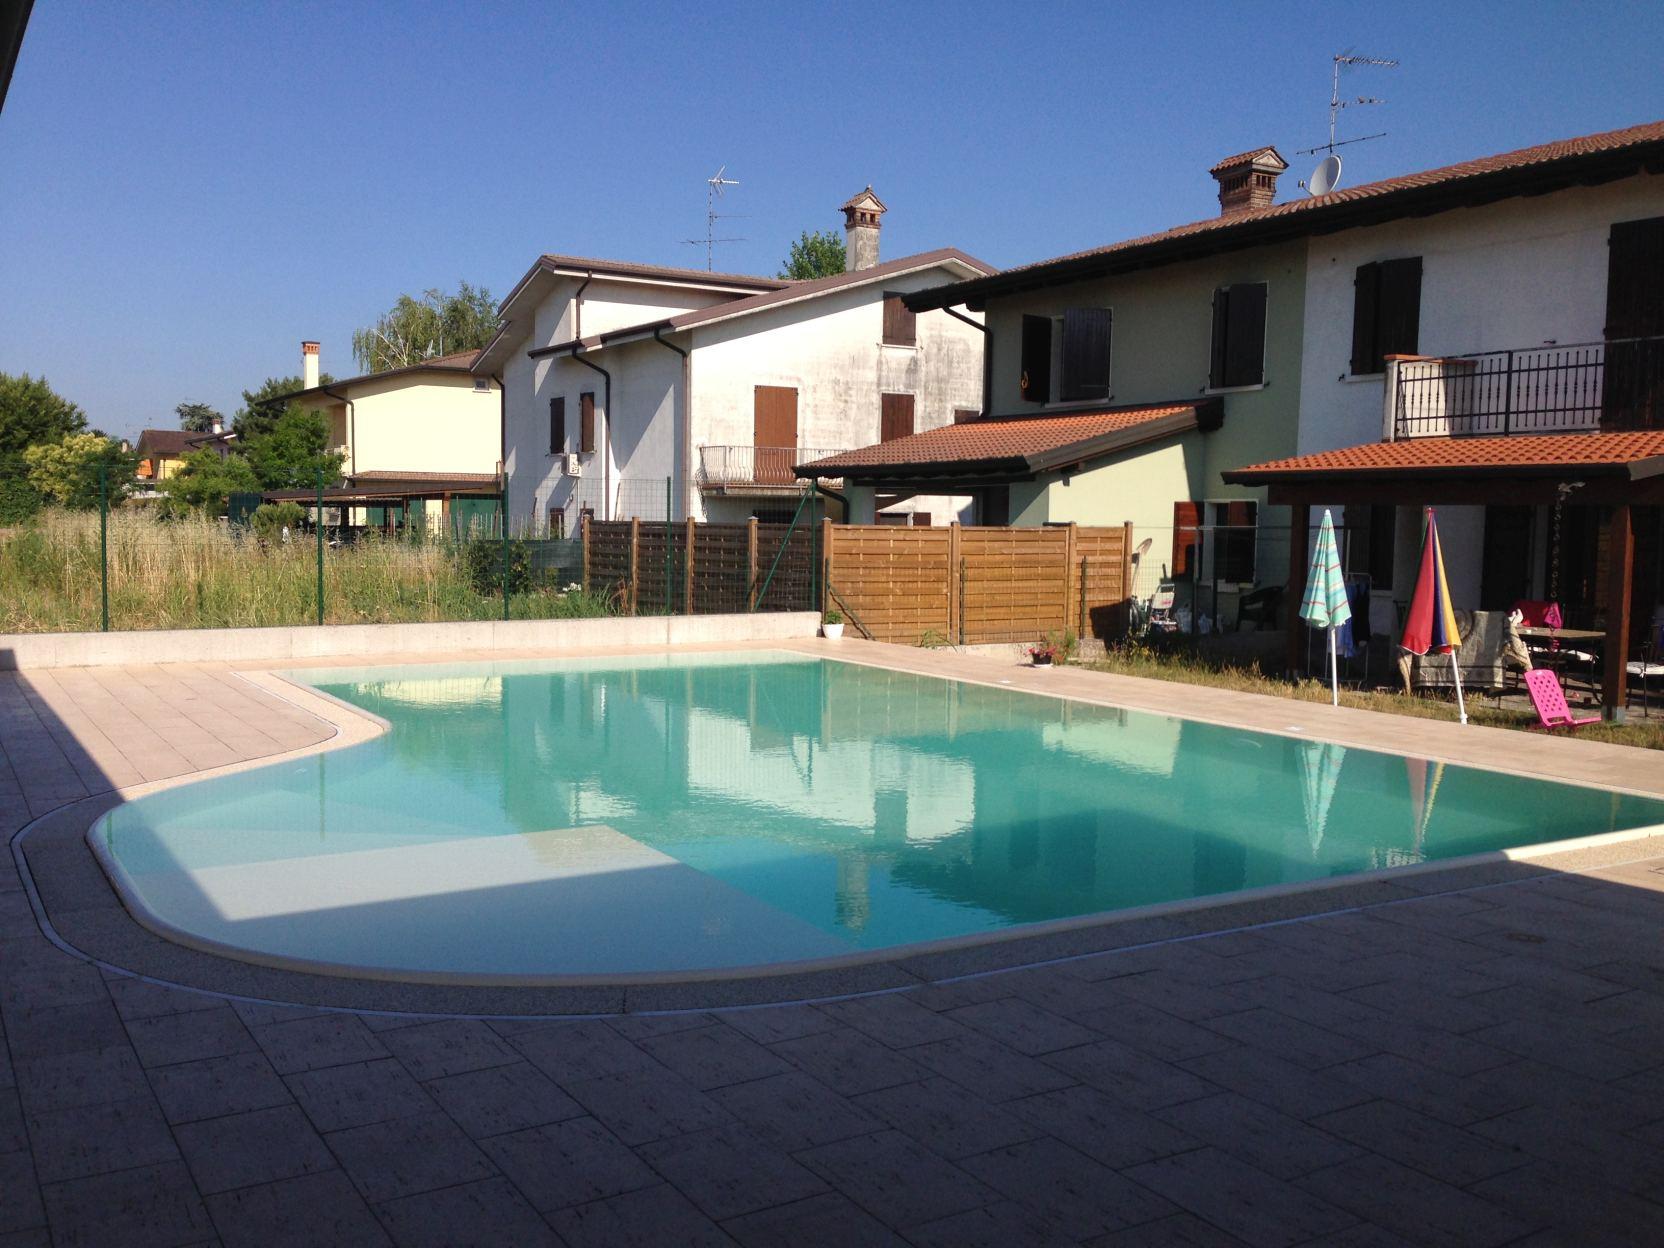 Bagnolo San Vito (2) - Casareggio Piscine: piscine, piscine mantova, costruttori di piscine